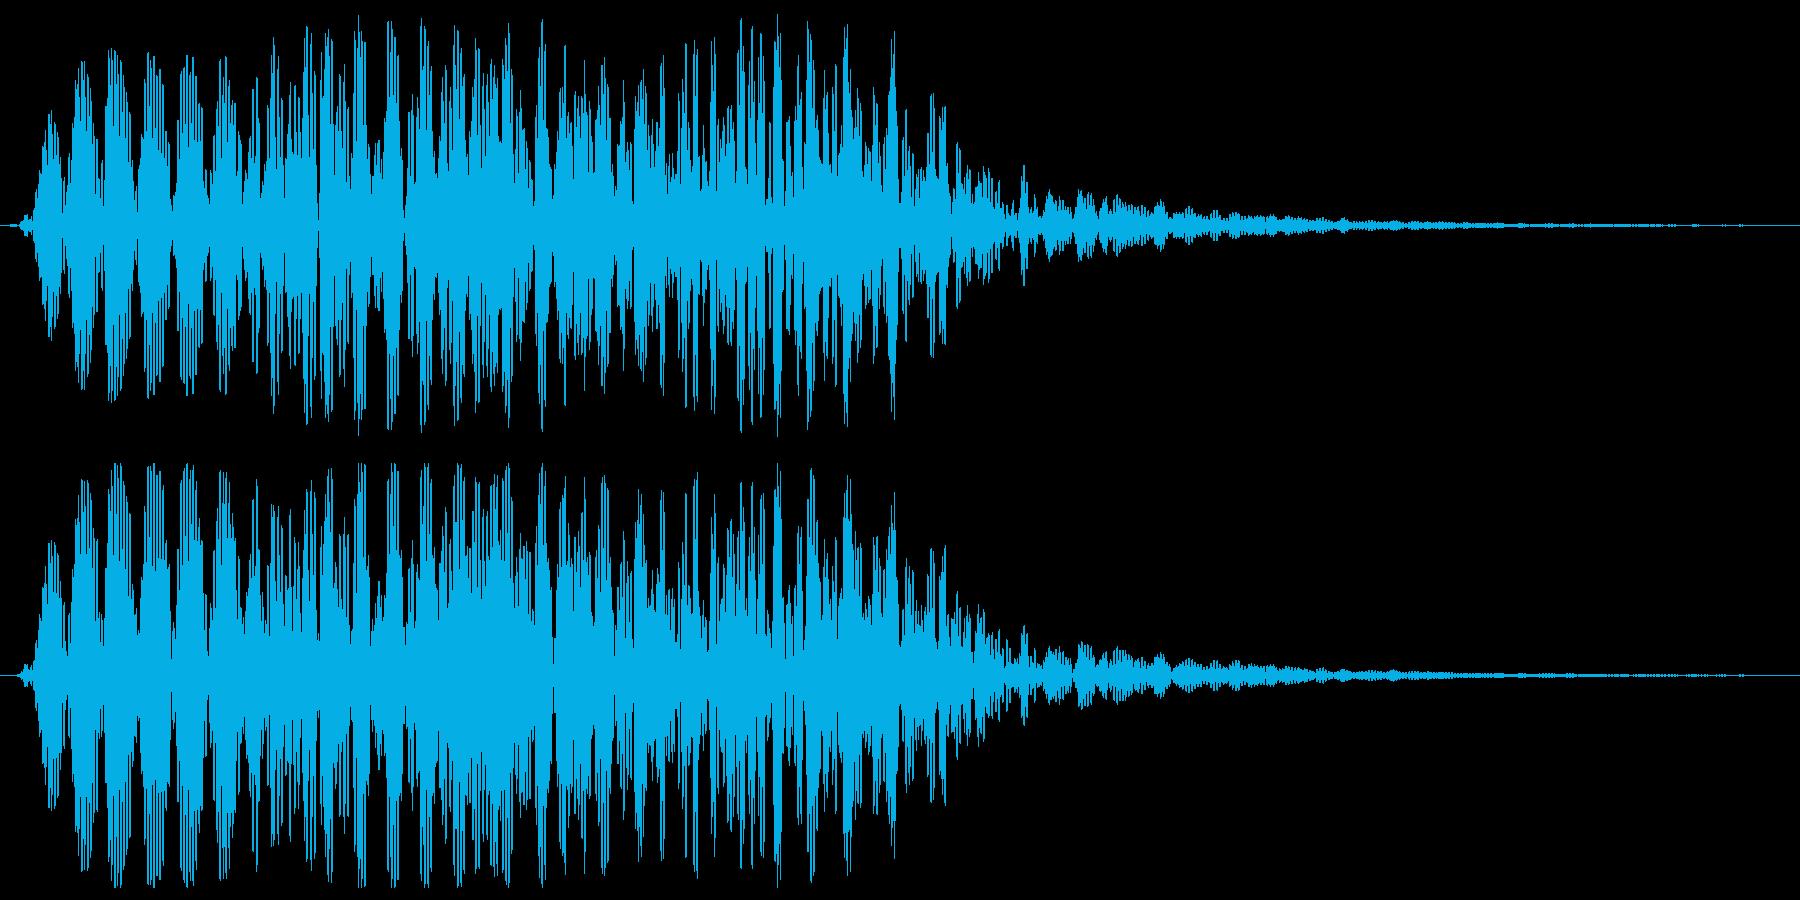 ブルルルル(低音の震える効果音)の再生済みの波形